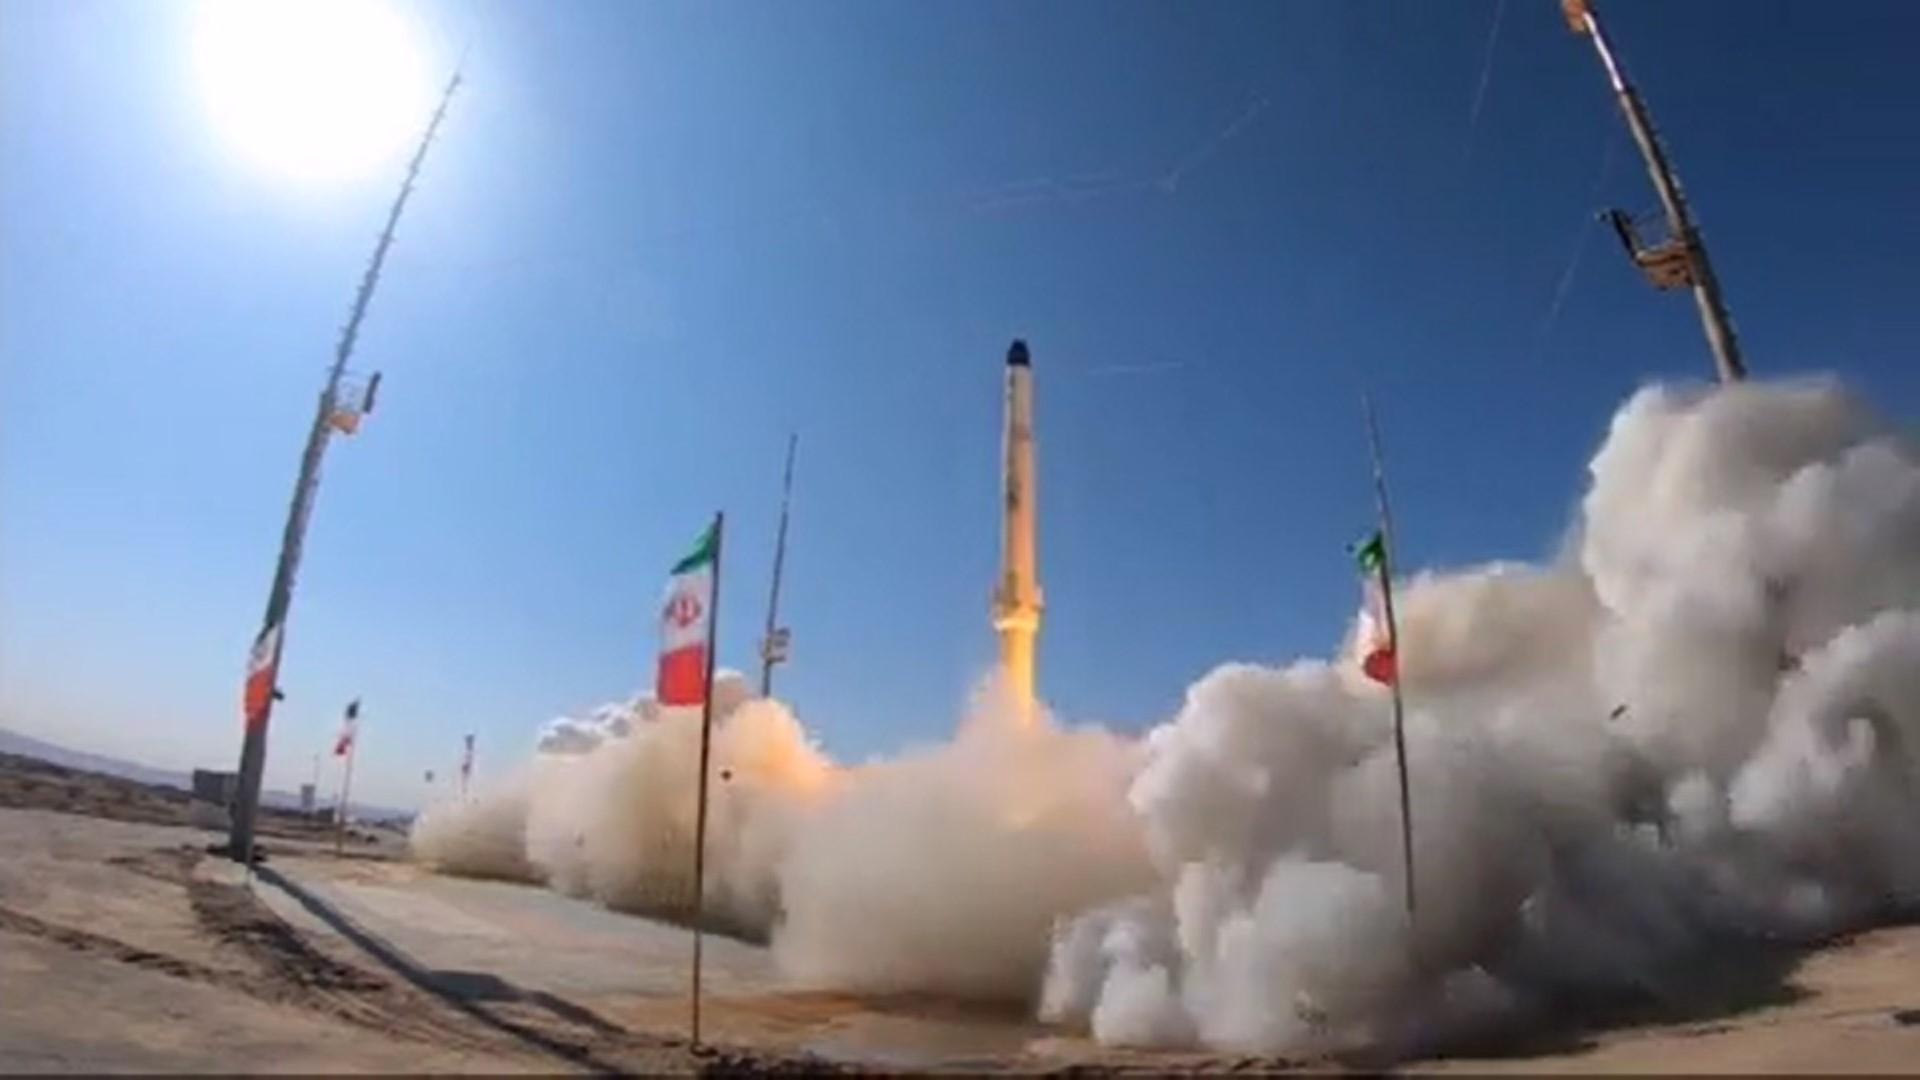 Des images du gouvernement iranien montrent le premier lancement de test suborbital du nouveau Zoljanah.